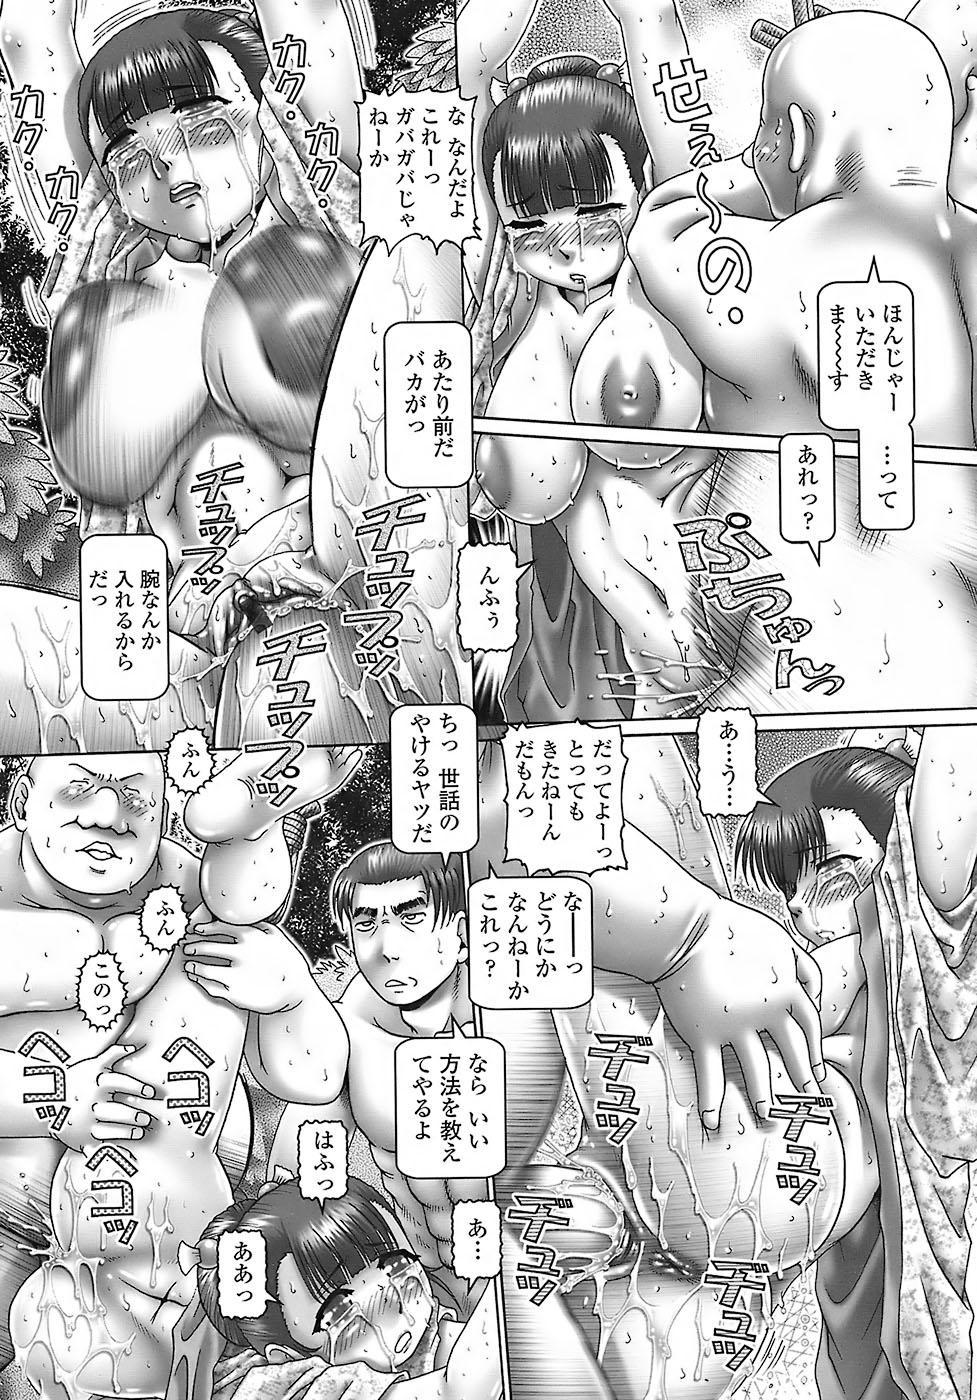 Tenshi no Shizuku 161